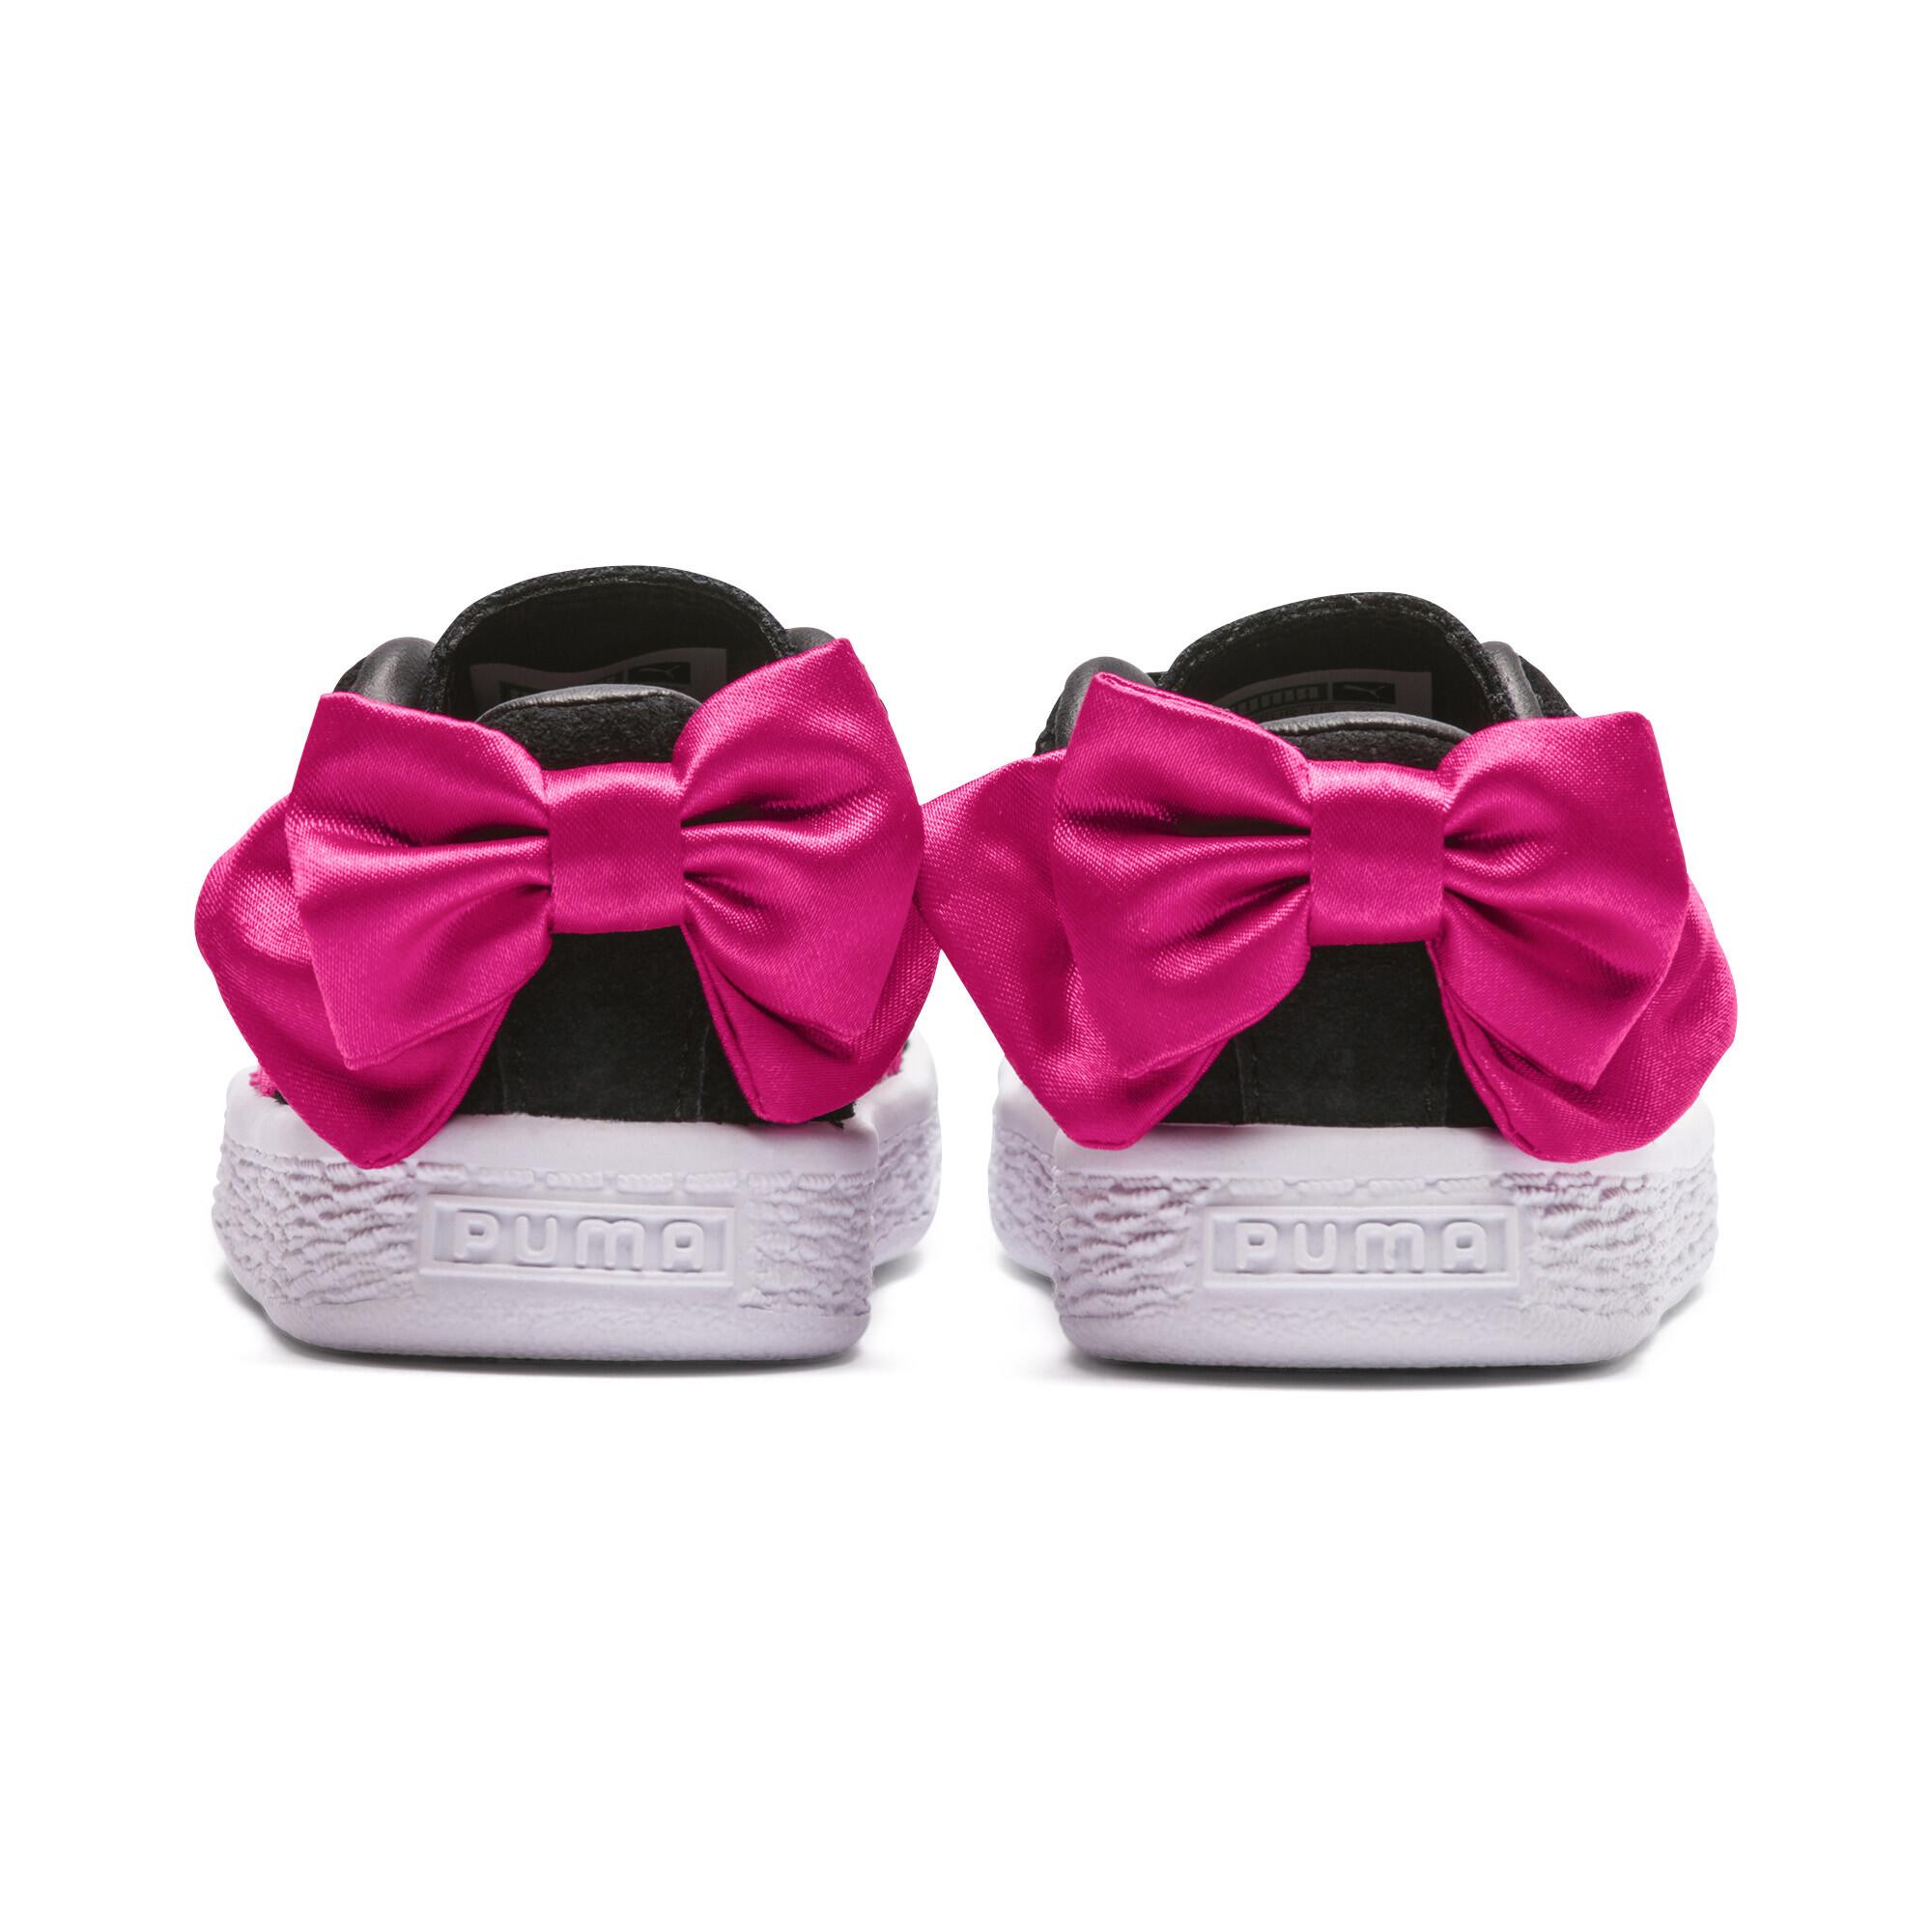 Image Puma Suede Bow Kids' Preschool Sneakers #4